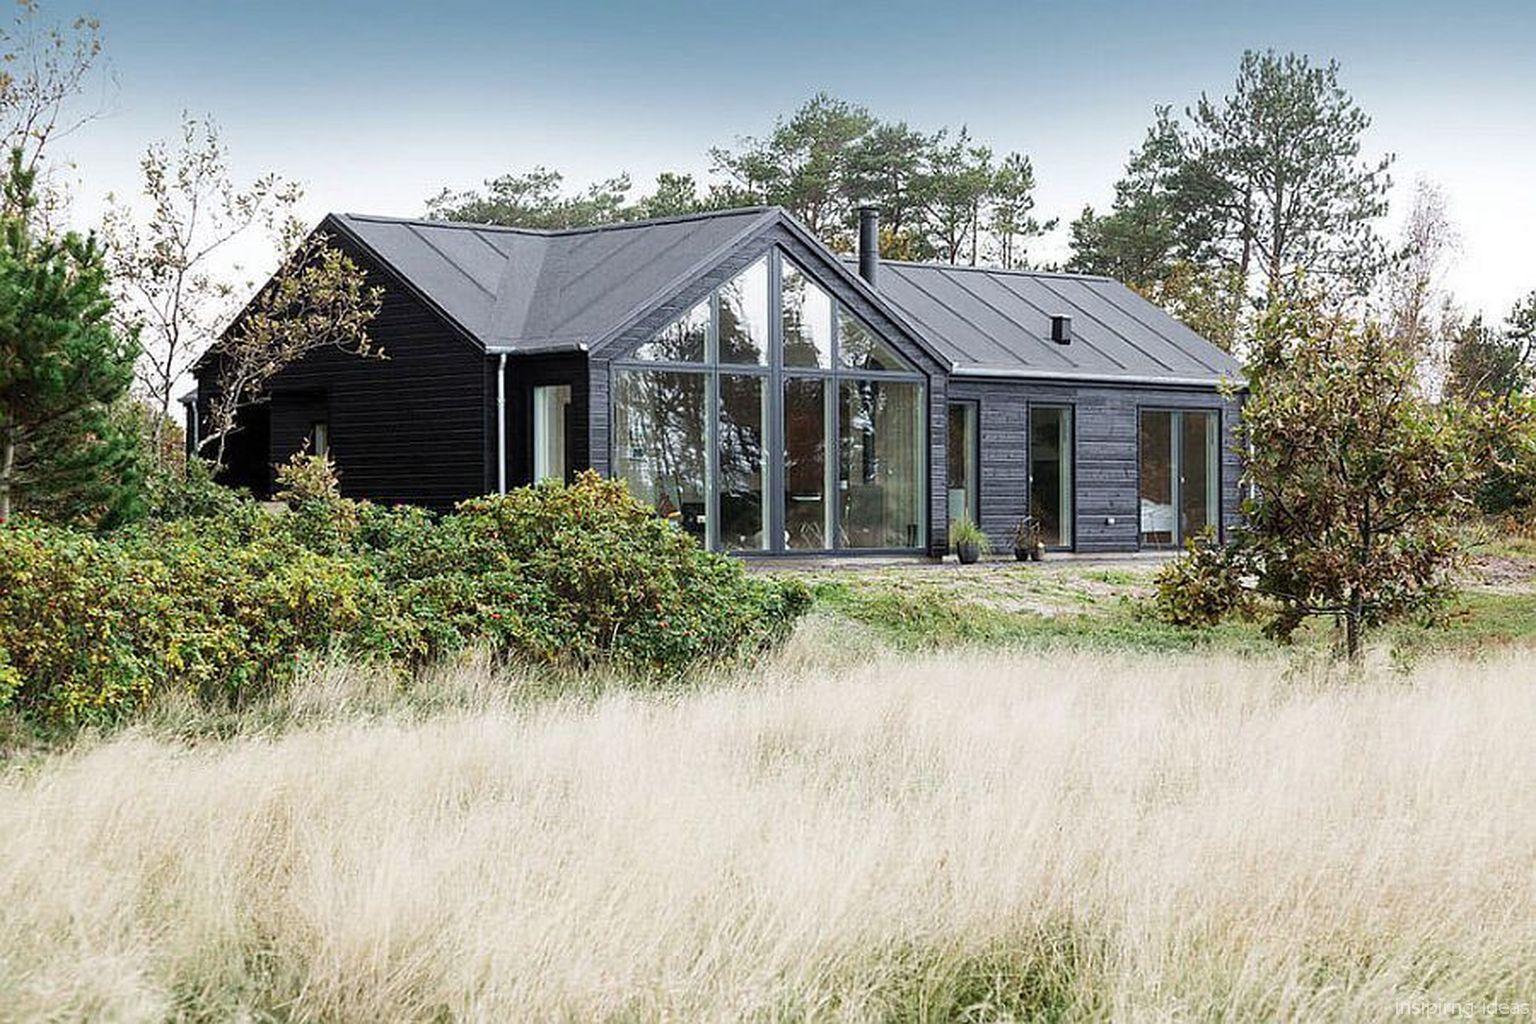 45 Inspiring Small Modern Farmhouse Exterior Design Ideas Augustexture Com Modern Farmhouse Exterior Danish House Scandinavian Modern House